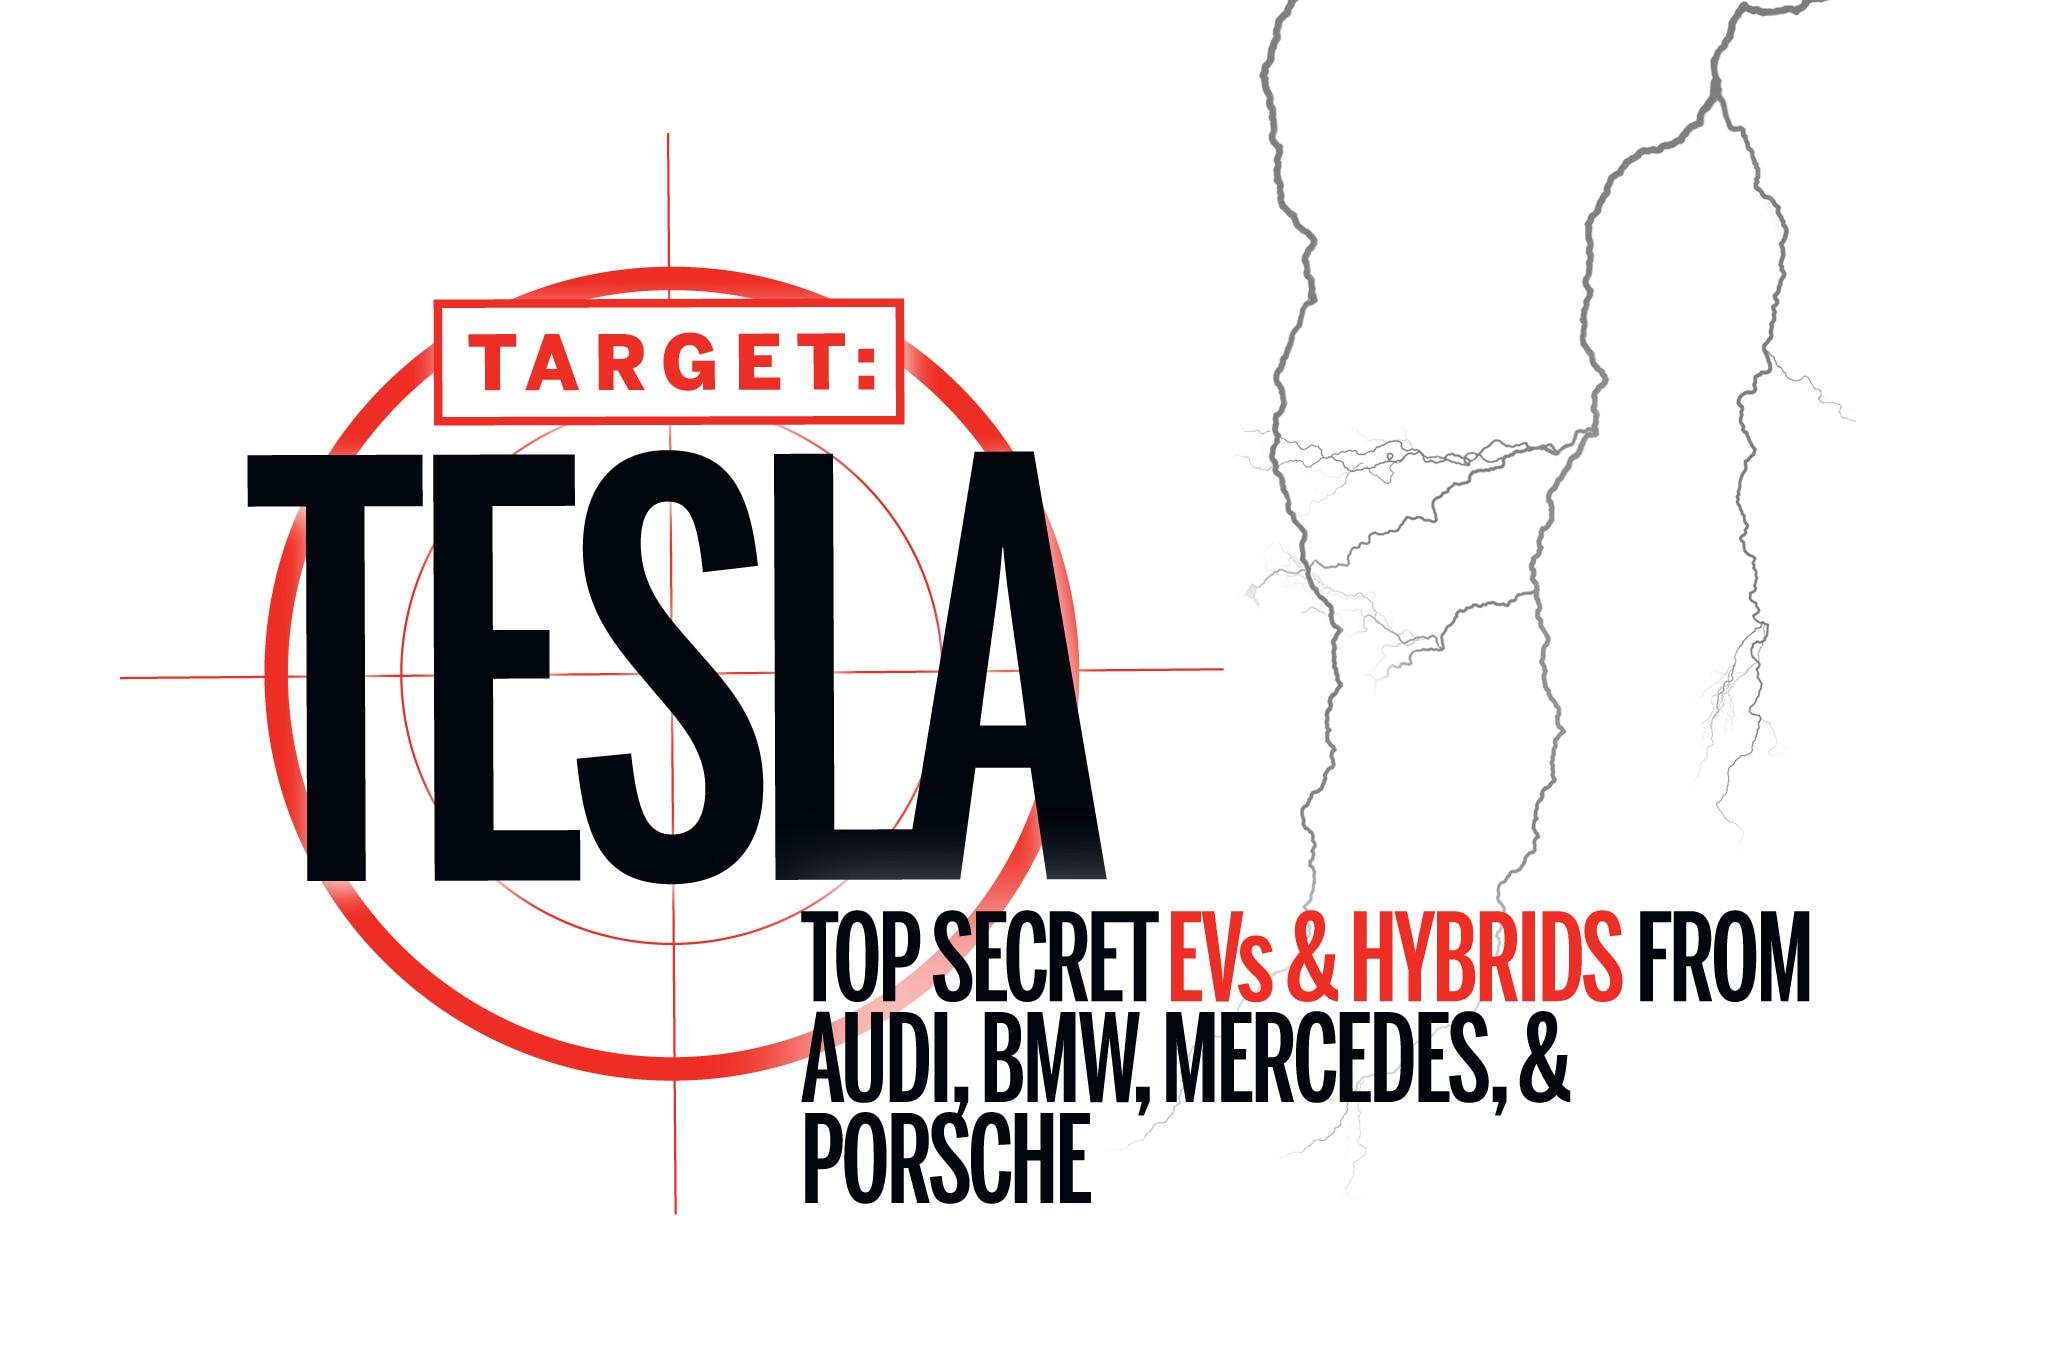 Target Tesla Lead